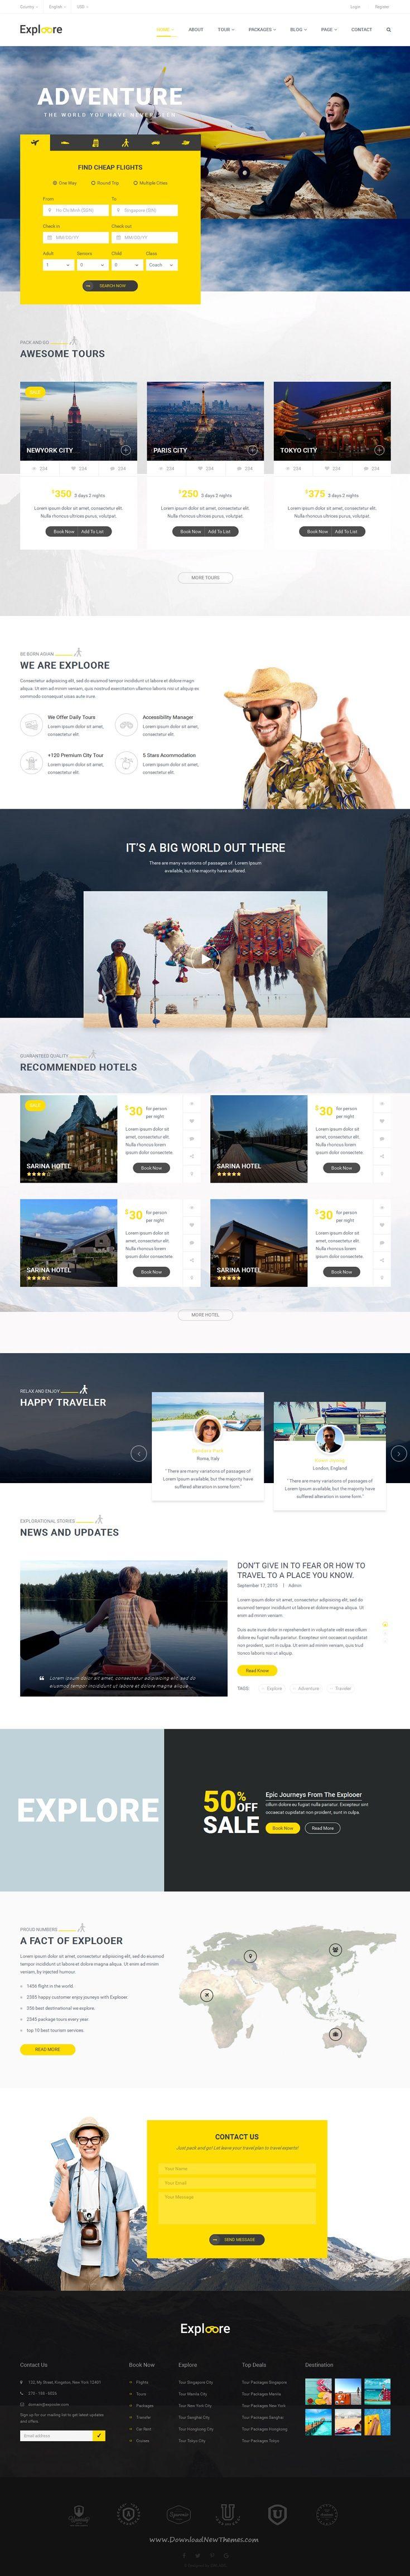 30 best inspiration web images on pinterest travel website design